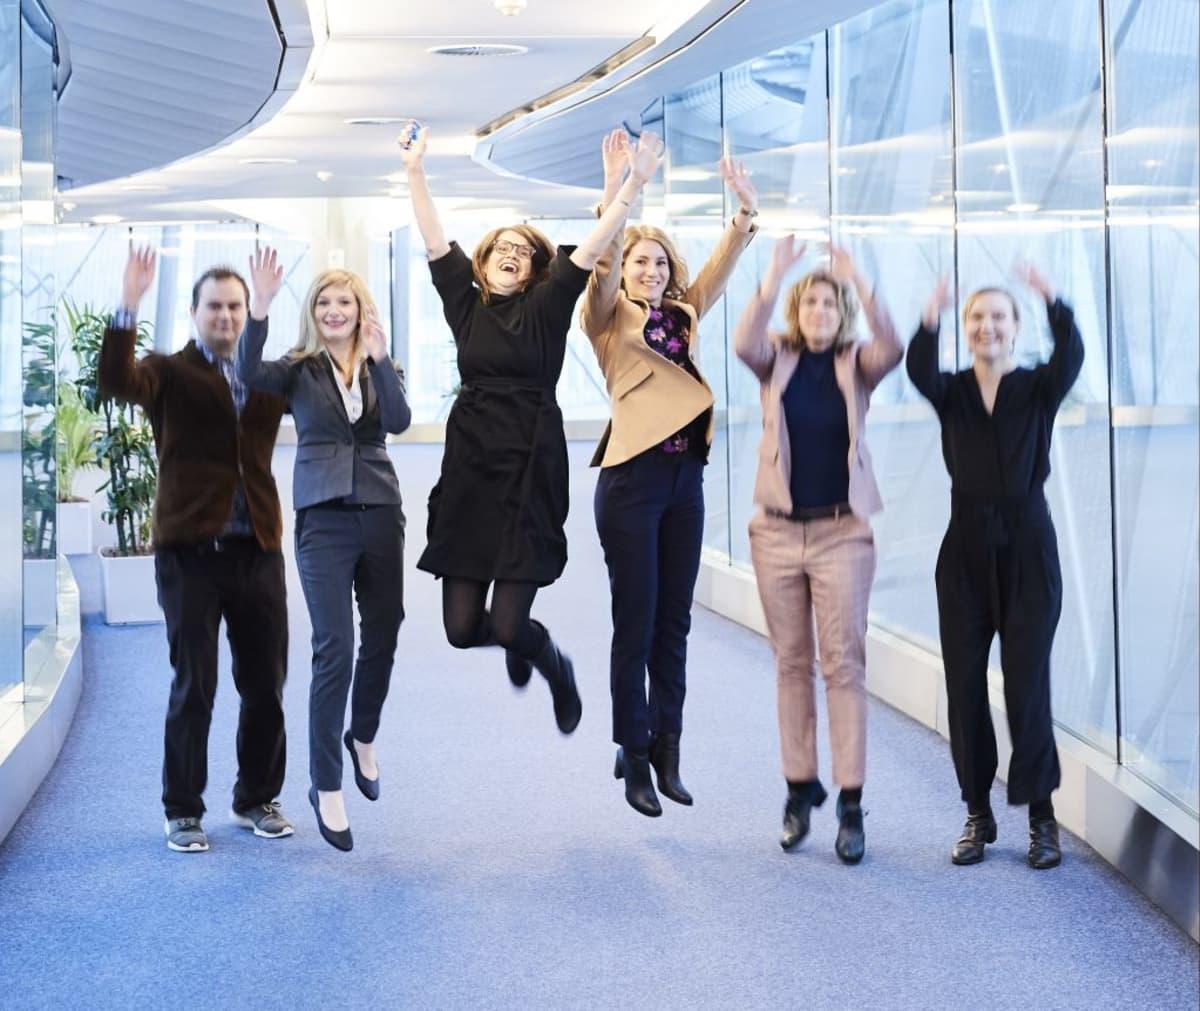 Tutkijat hyppäävät ilmaan, kun tutkimus on alkanut.